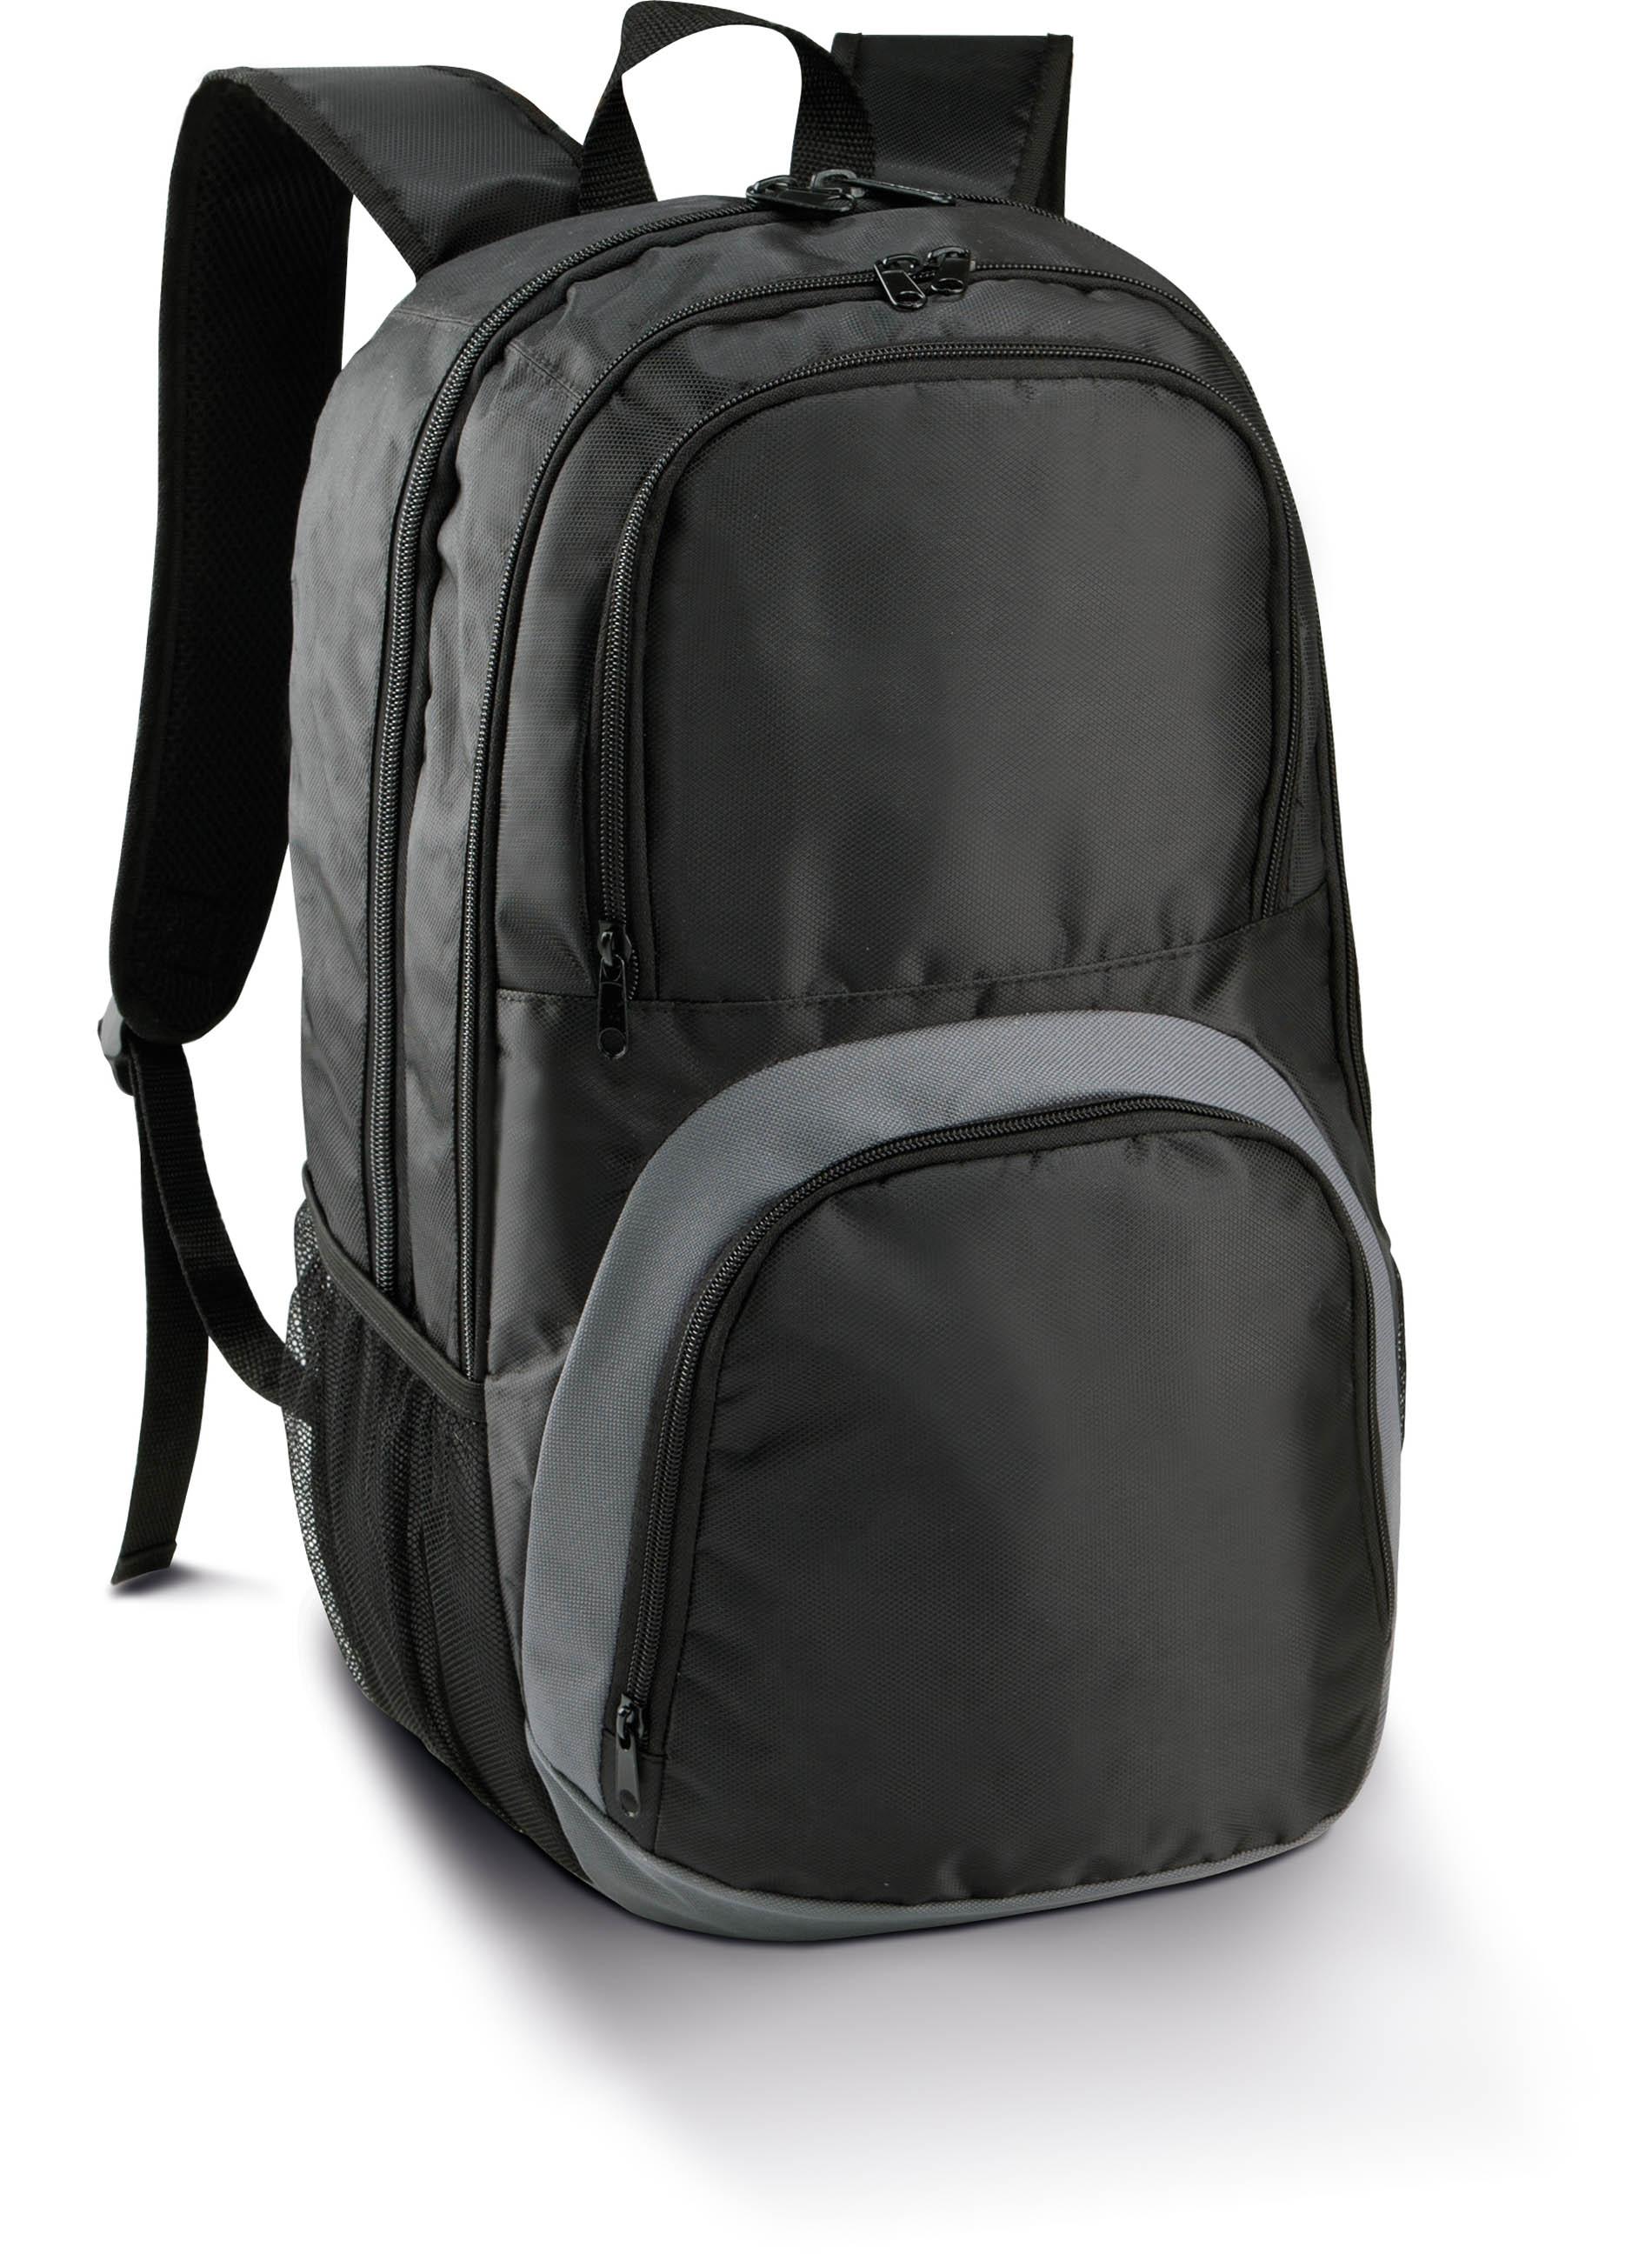 sac dos sport l gant black slate grey gladiasport. Black Bedroom Furniture Sets. Home Design Ideas